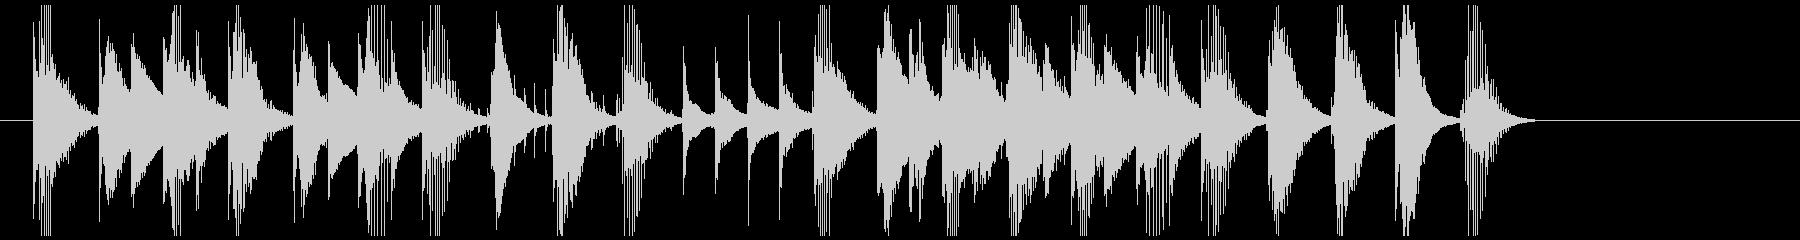 ほのぼの おもちゃのピアノのワルツの未再生の波形